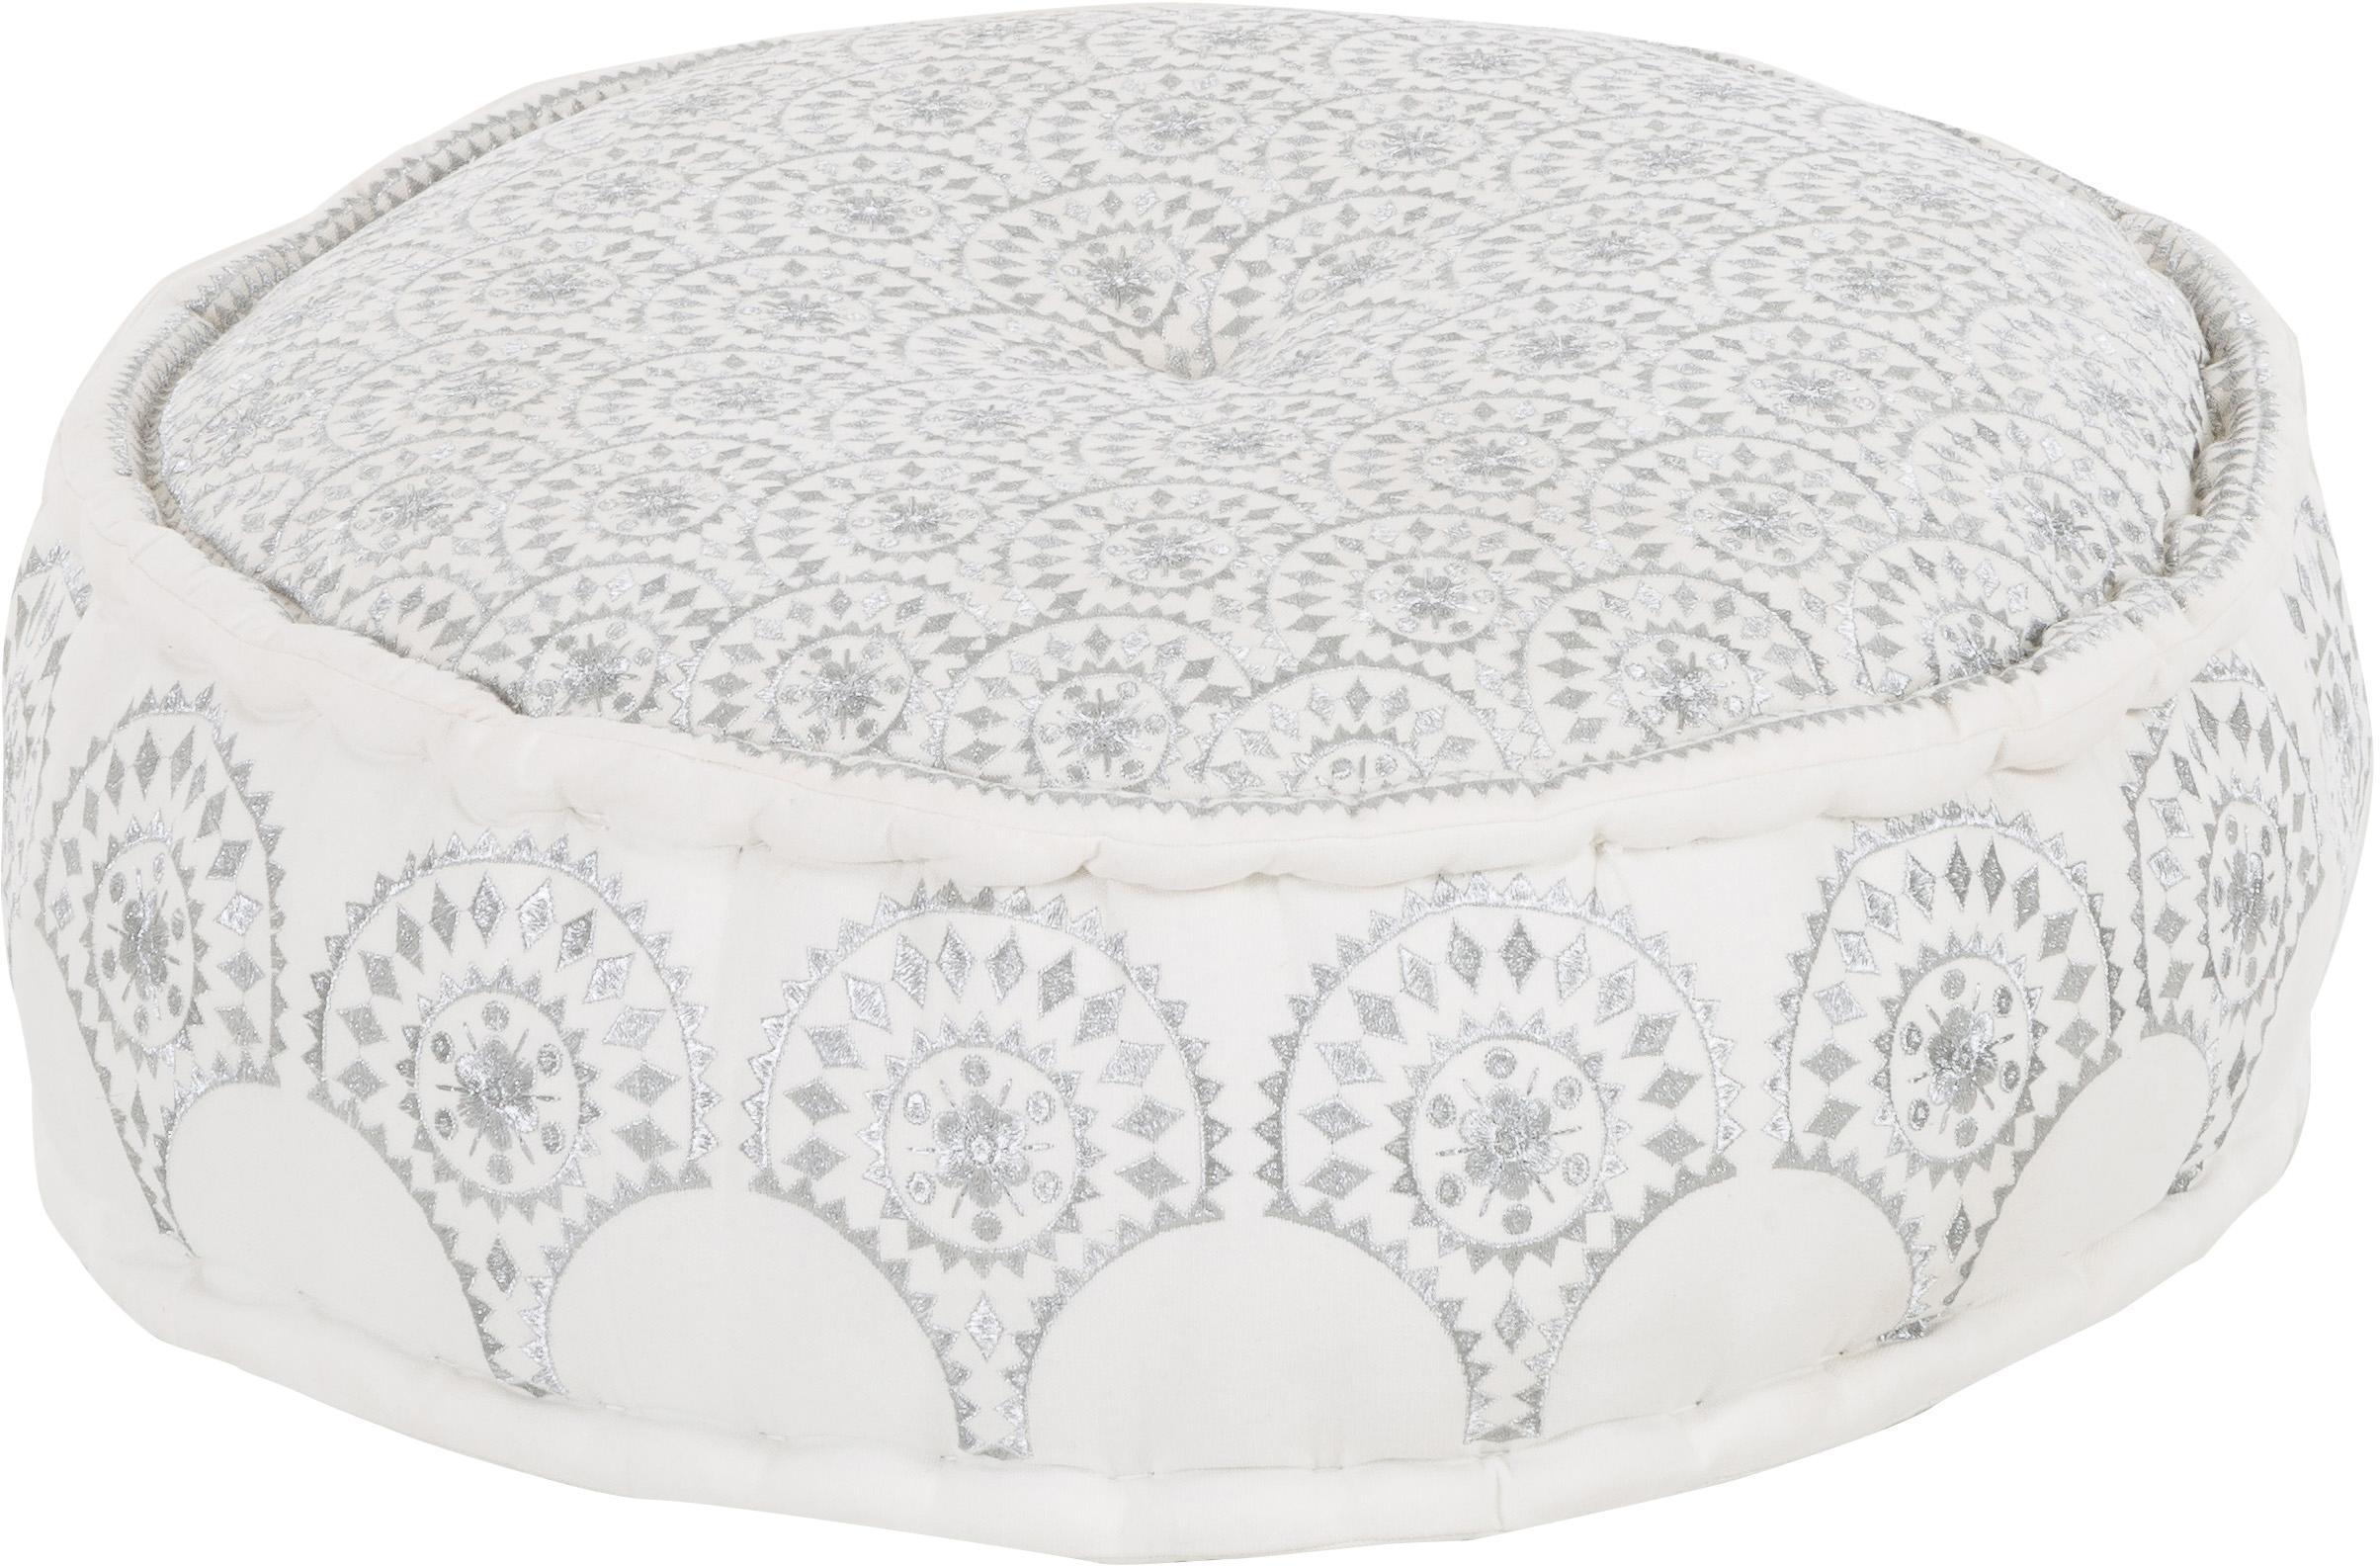 Rond vloerkussen Casablanca met geborduurd patroon, Bekleding: 100% stevig katoenen canv, Wit, zilverkleurig, Ø 60 cm